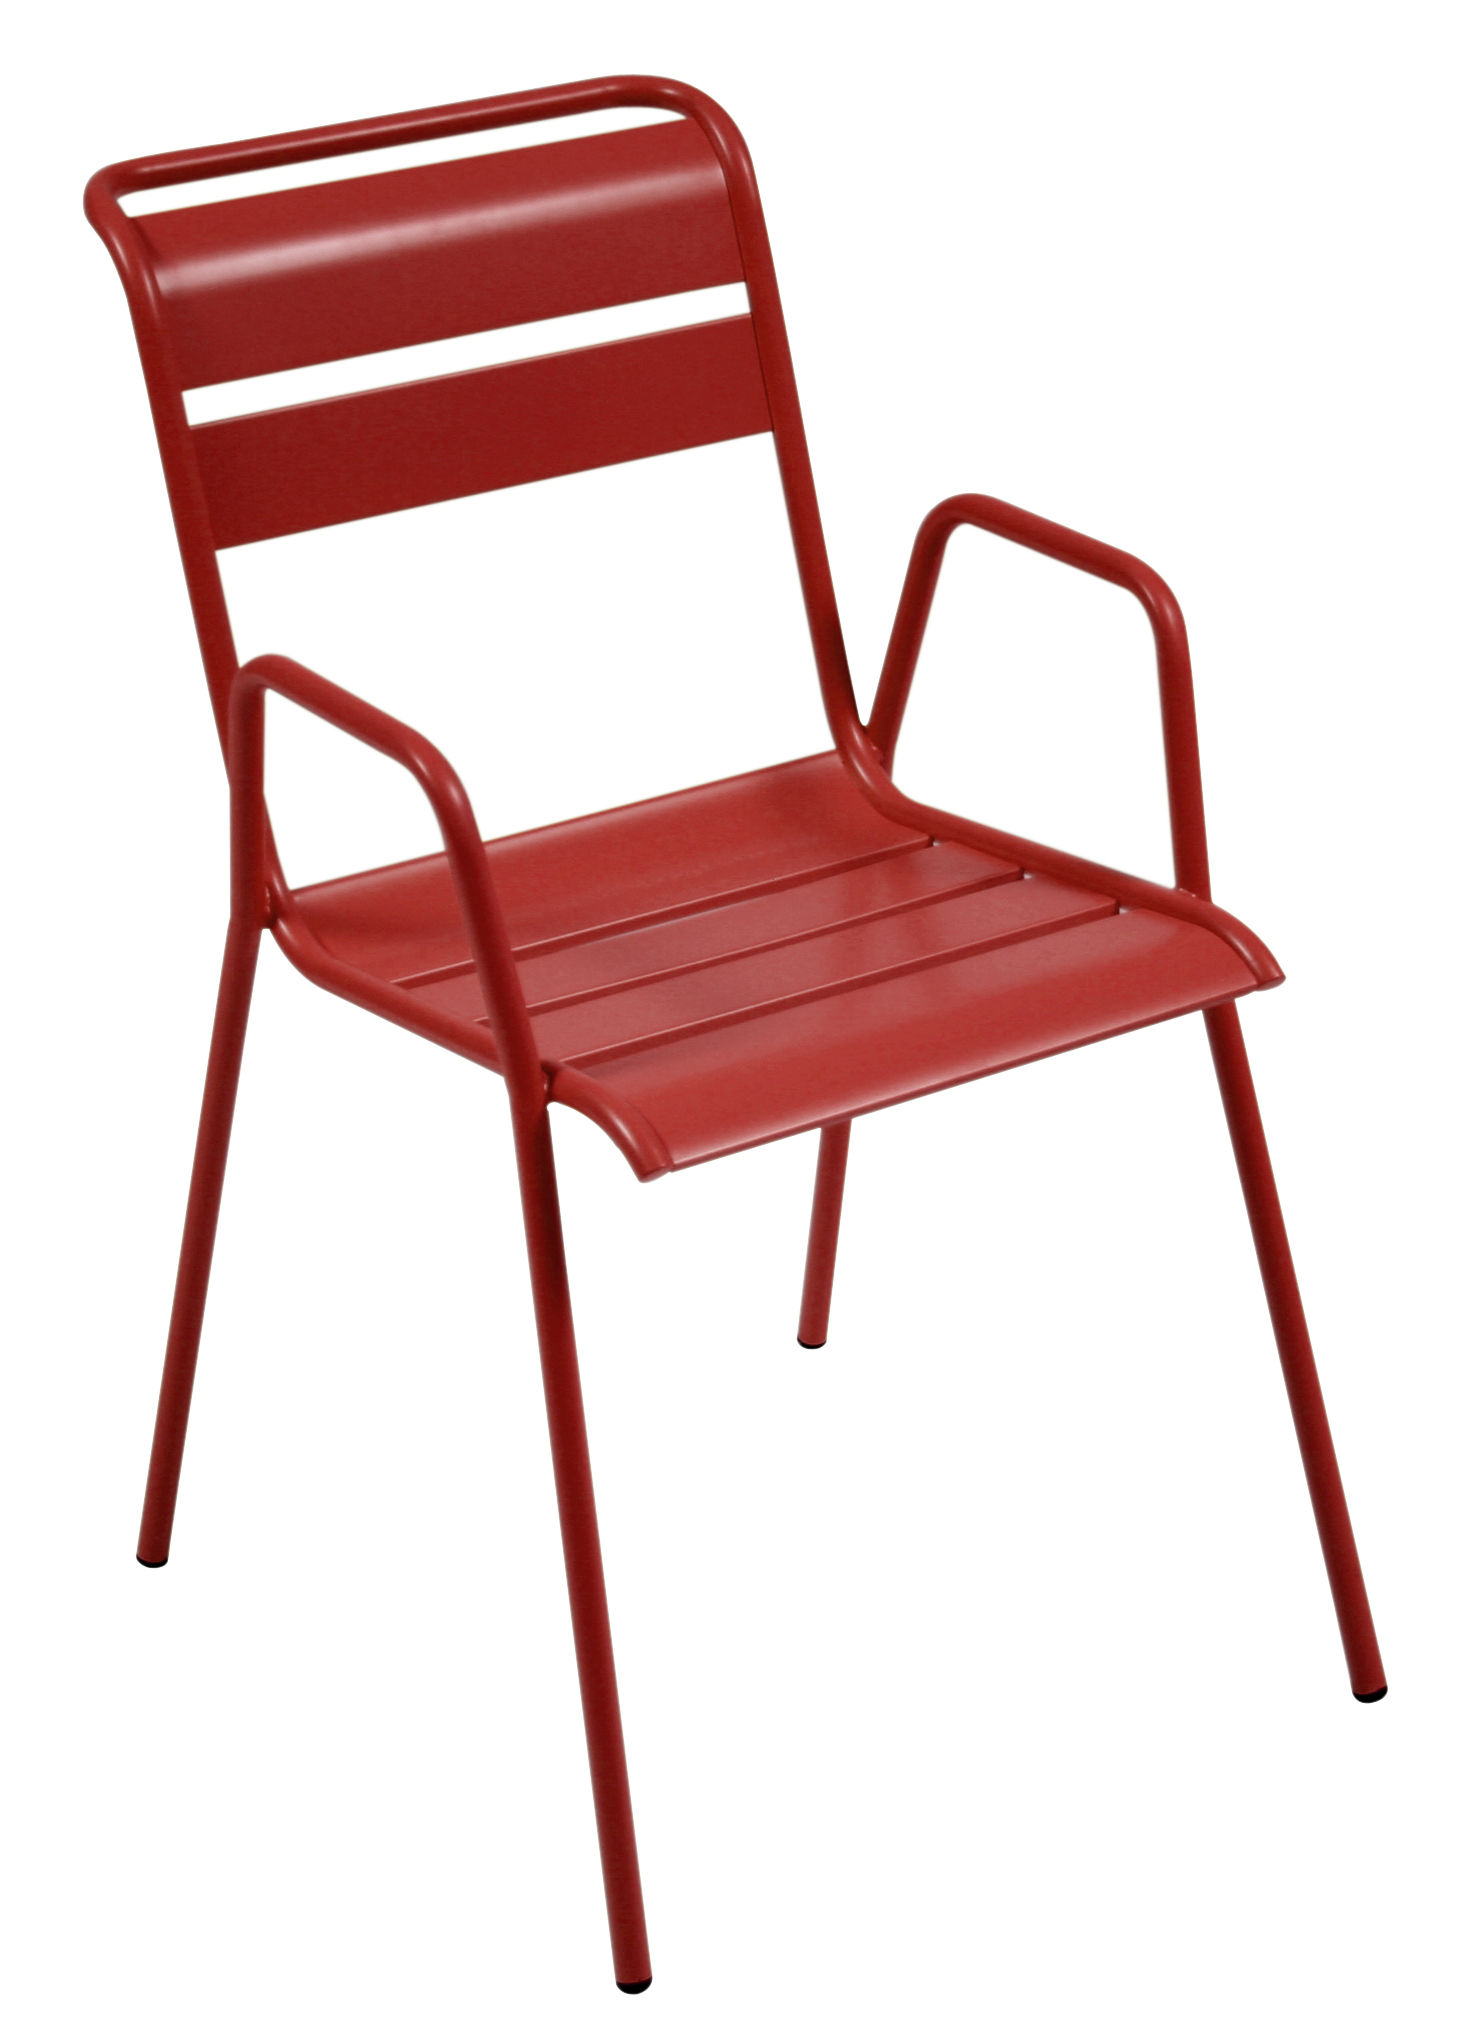 Mobilier - Chaises, fauteuils de salle à manger - Fauteuil empilable Monceau / Métal - Fermob - Piment - Acier peint